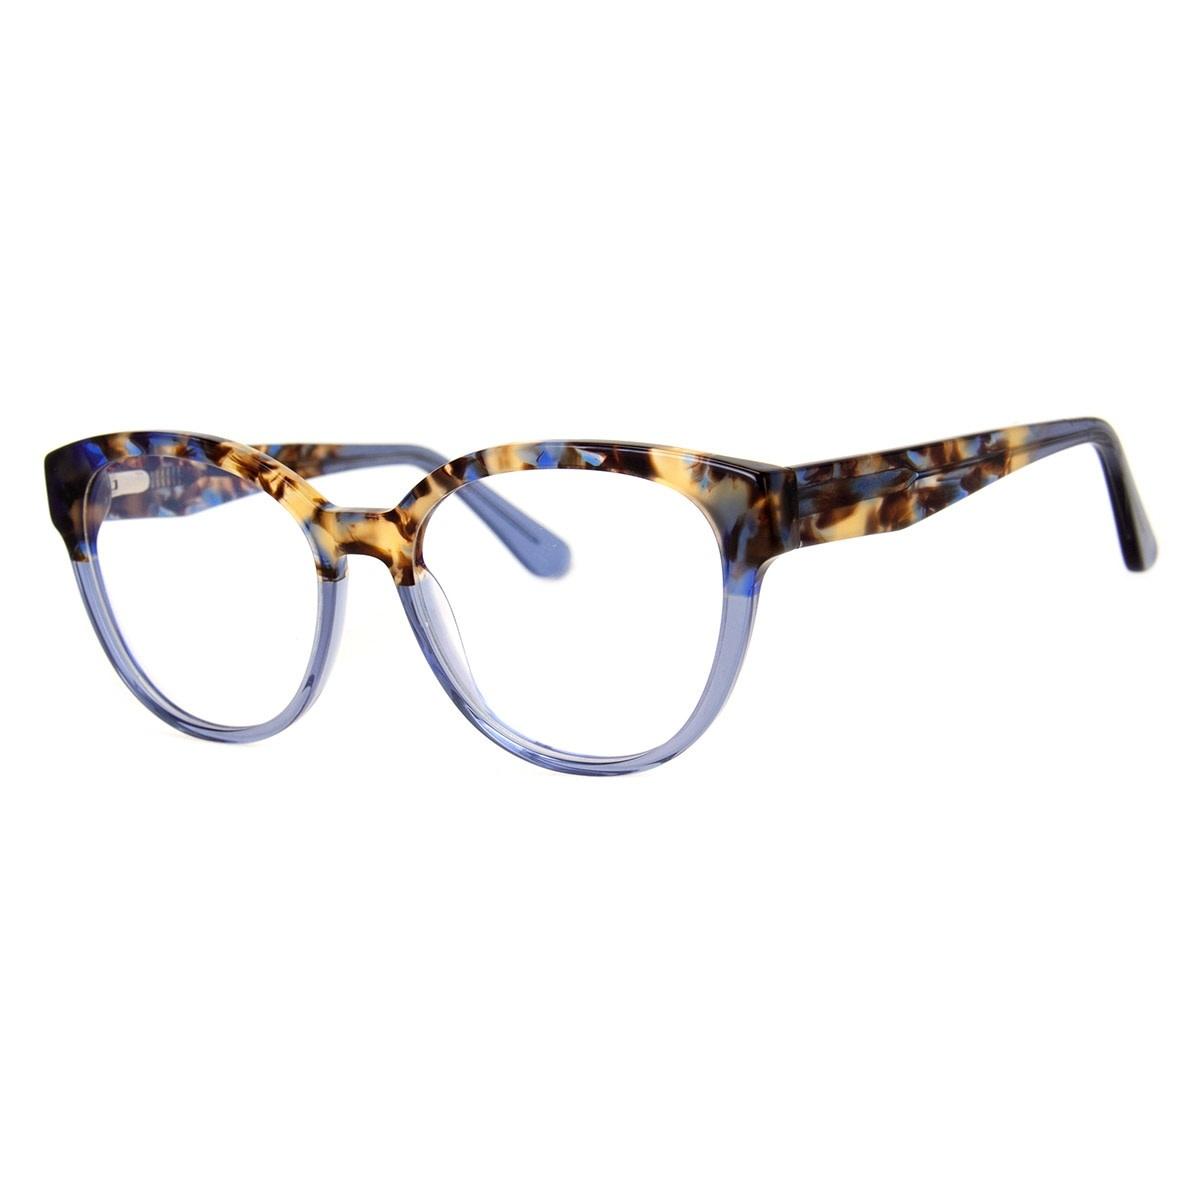 Celebration Optical Quality Reading Glasses